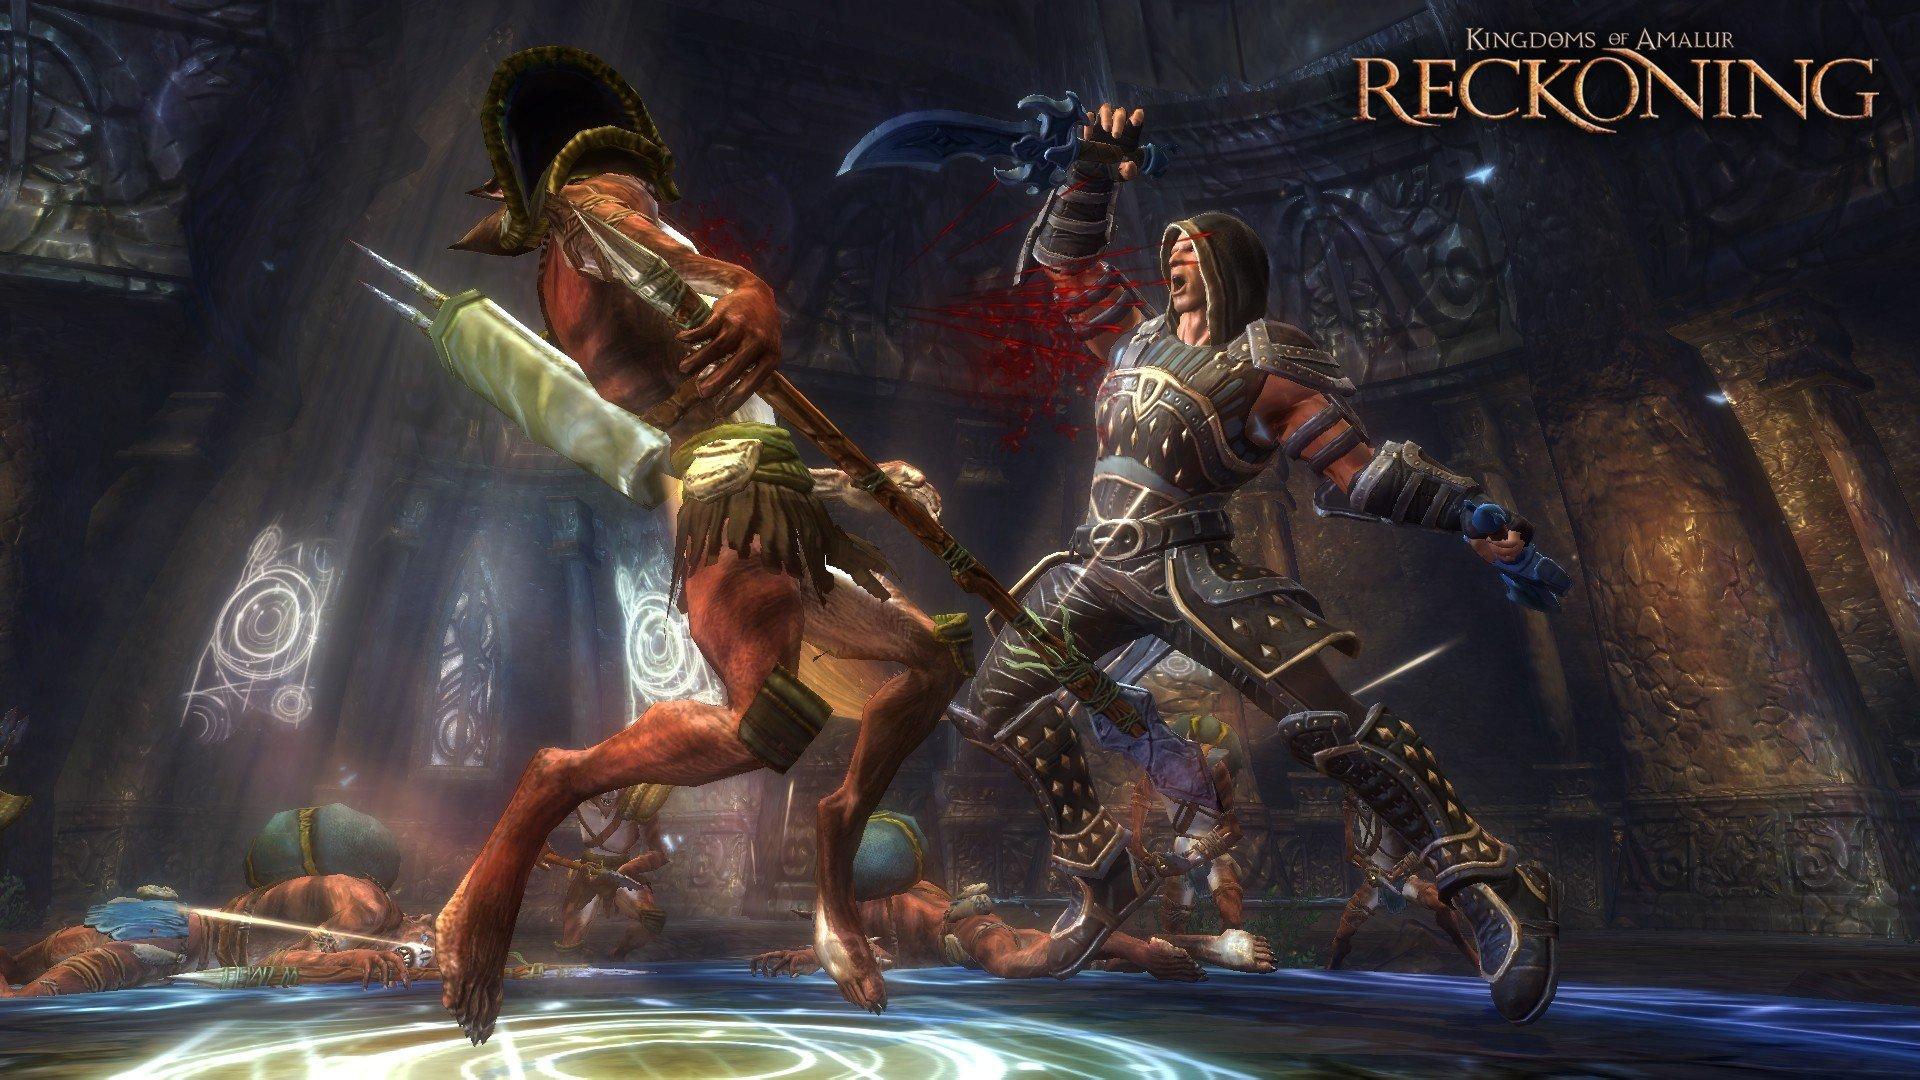 Создатель Kingdoms of Amalur оценил свою игру в $1 млрд  - Изображение 1